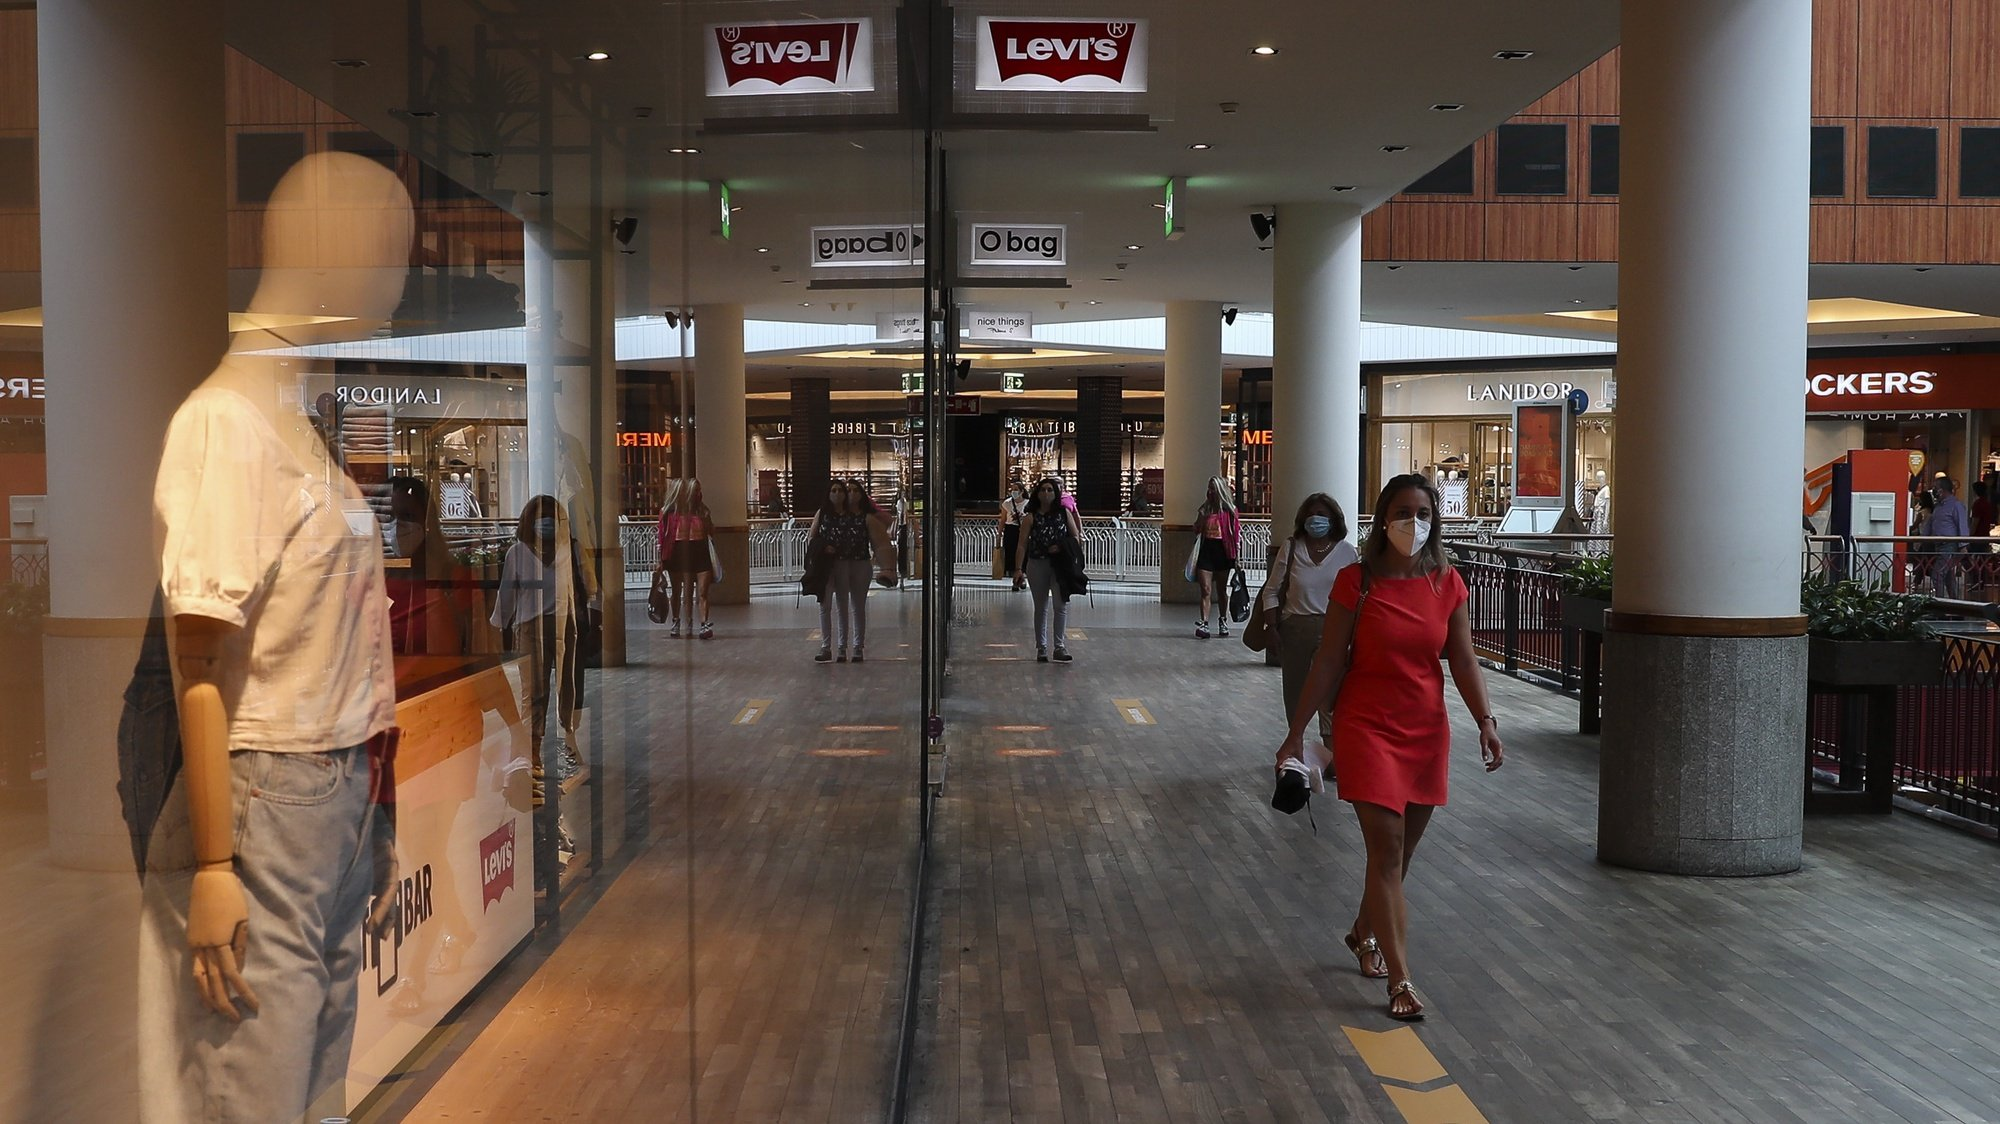 Pessoas circulam no centro comercial Norteshopping no dia da sua reabertura ao público, Matosinhos, 1 de junho de 2020. Começa esta segunda-feira a terceira fase do desconfinamento determinado pelo Governo, processo que começou a 1 de maio. Para além dos ginásios, do ensino pré-escolar, cinemas e teatros, reabrem também os centros comerciais em todos o país, excepto na Área Metropolitana de Lisboa. JOSÉ COELHO/LUSA